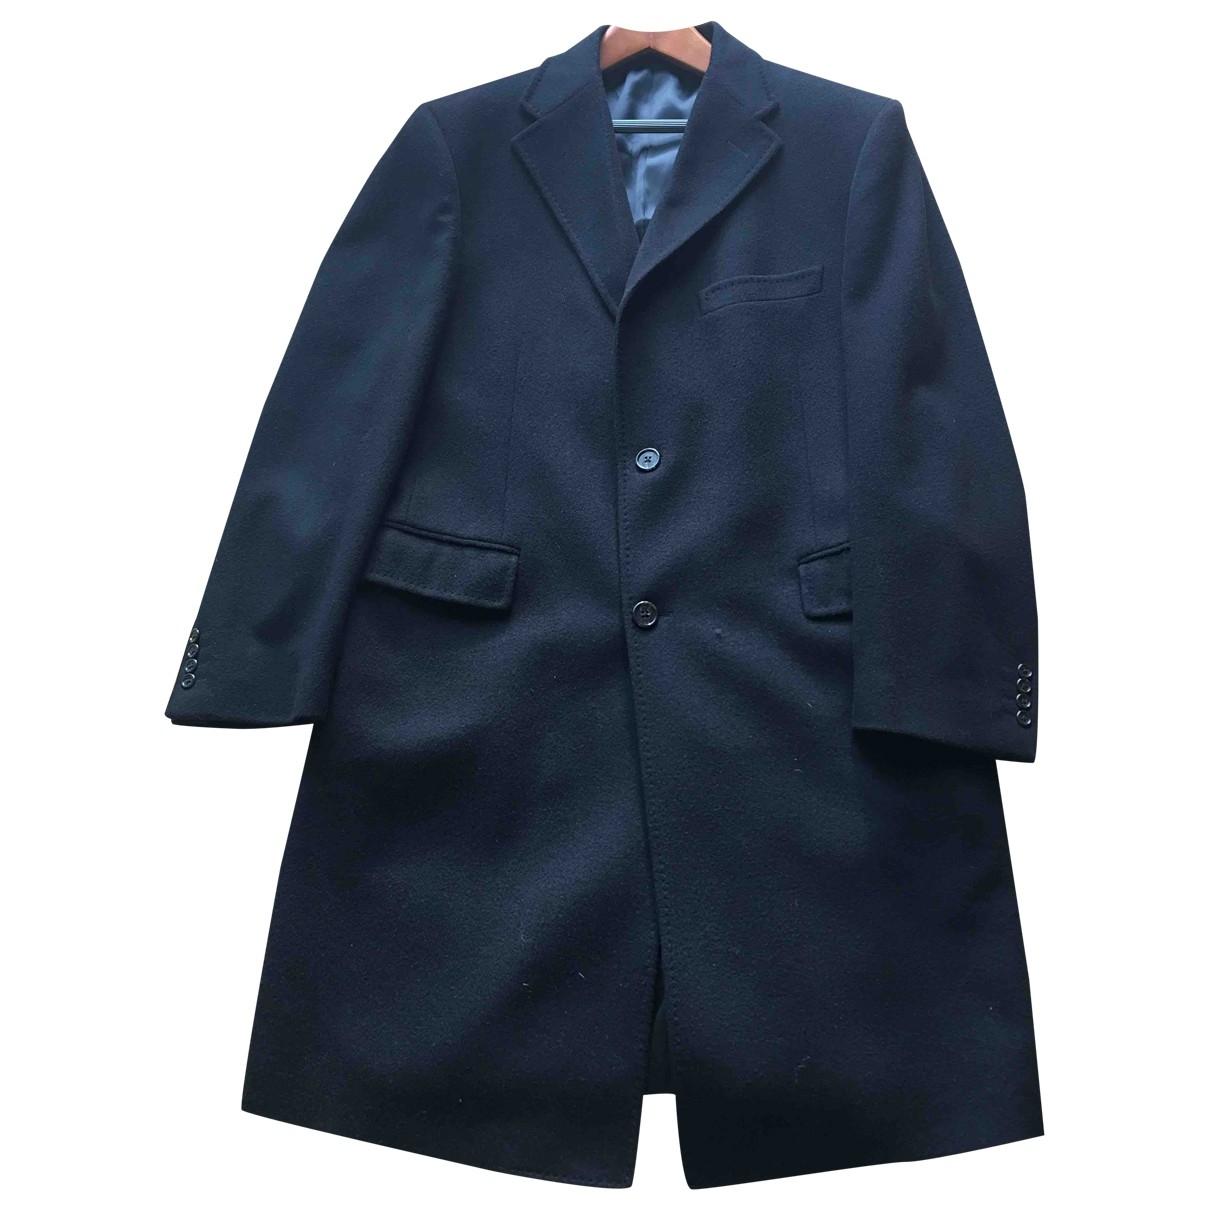 Corneliani - Manteau   pour homme en laine - noir